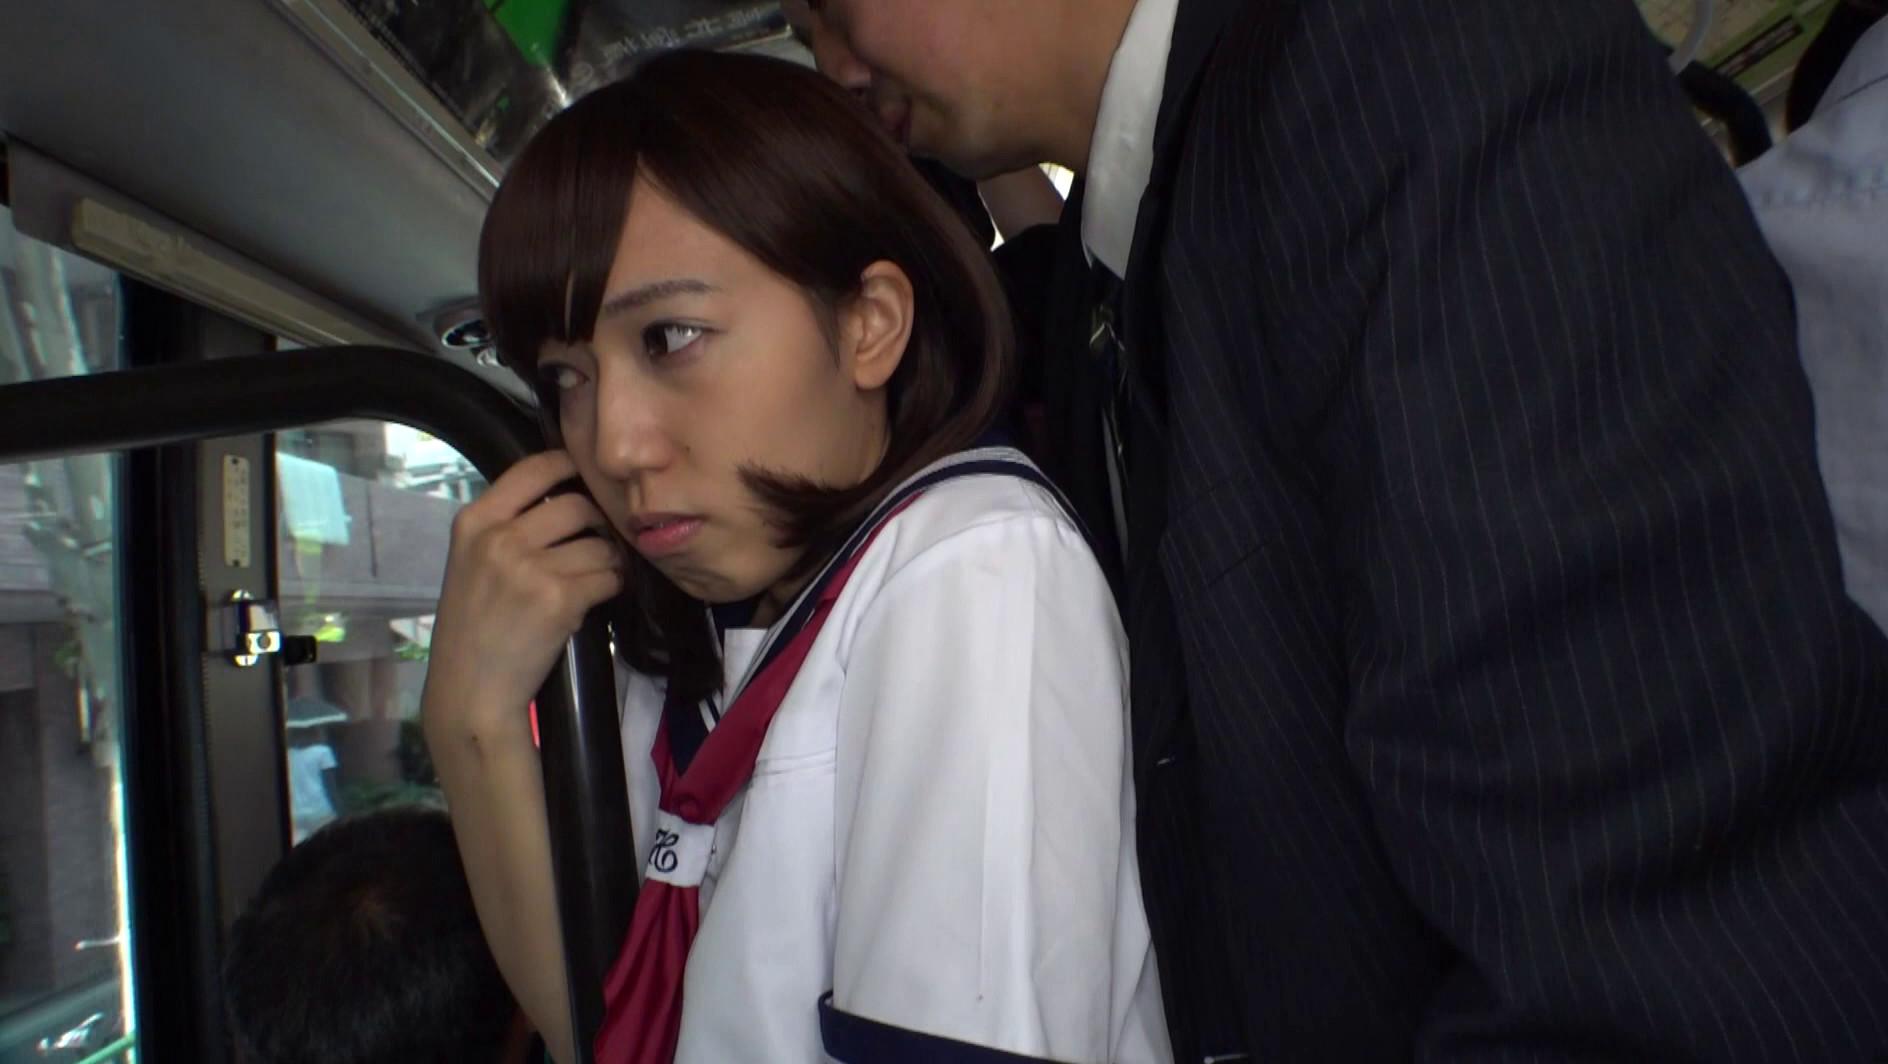 皆様に是非ヌいて欲しい女子高生が偶然撮影出来たので急遽発売!!「女子高生とグルになりクラスで一番かわいい子を満員バスに呼び出させて乗客全員でヤる」 VOL.111